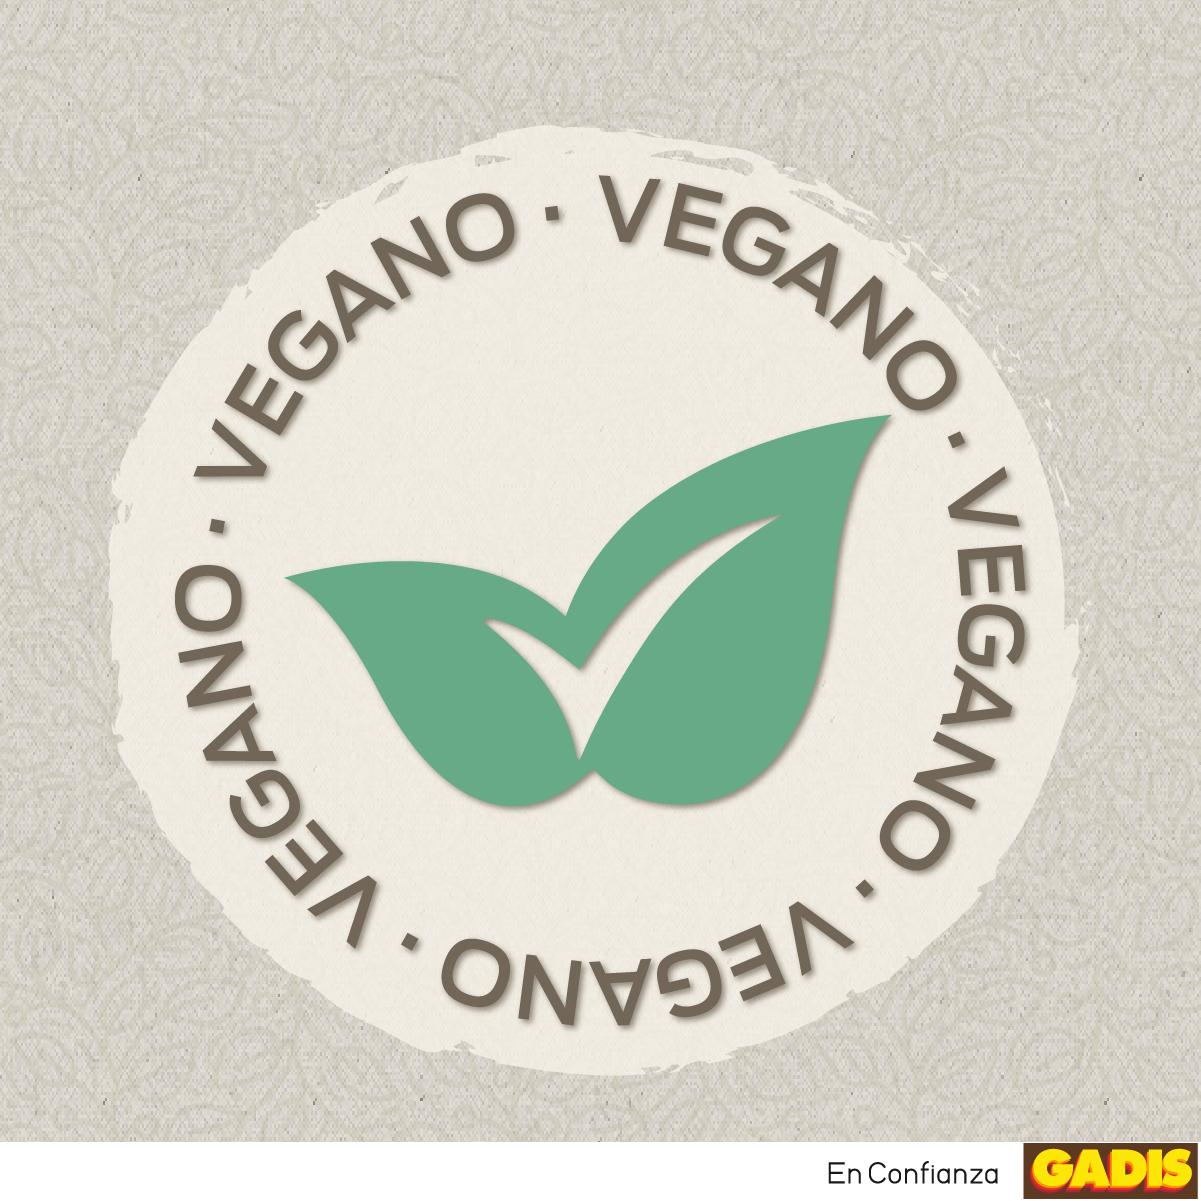 Descubre estos productos veganos: leche de almendra, soja texturizada y tahina